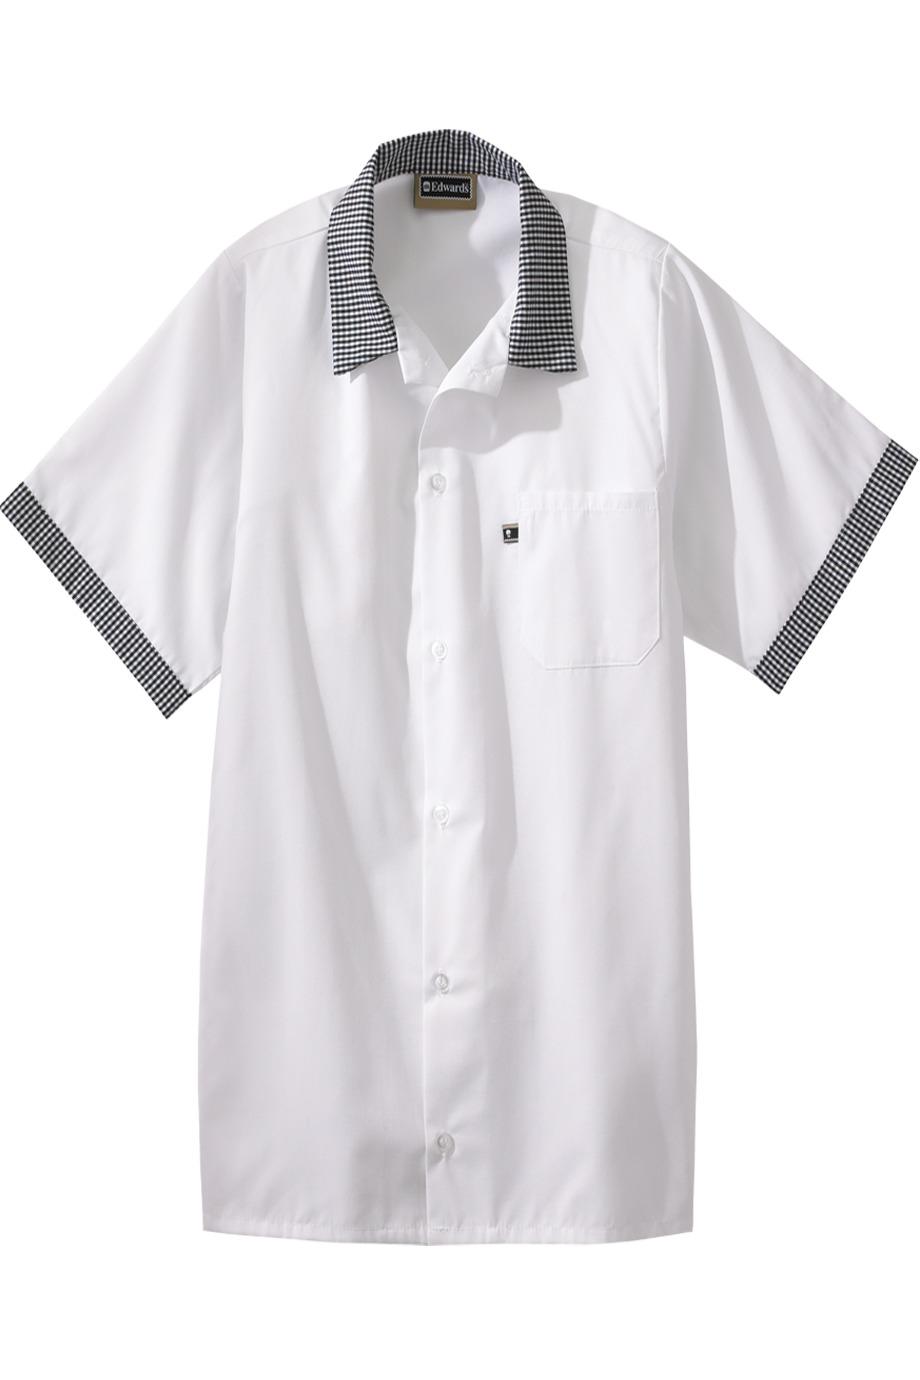 Edwards Garment 1304 - Cook Shirt